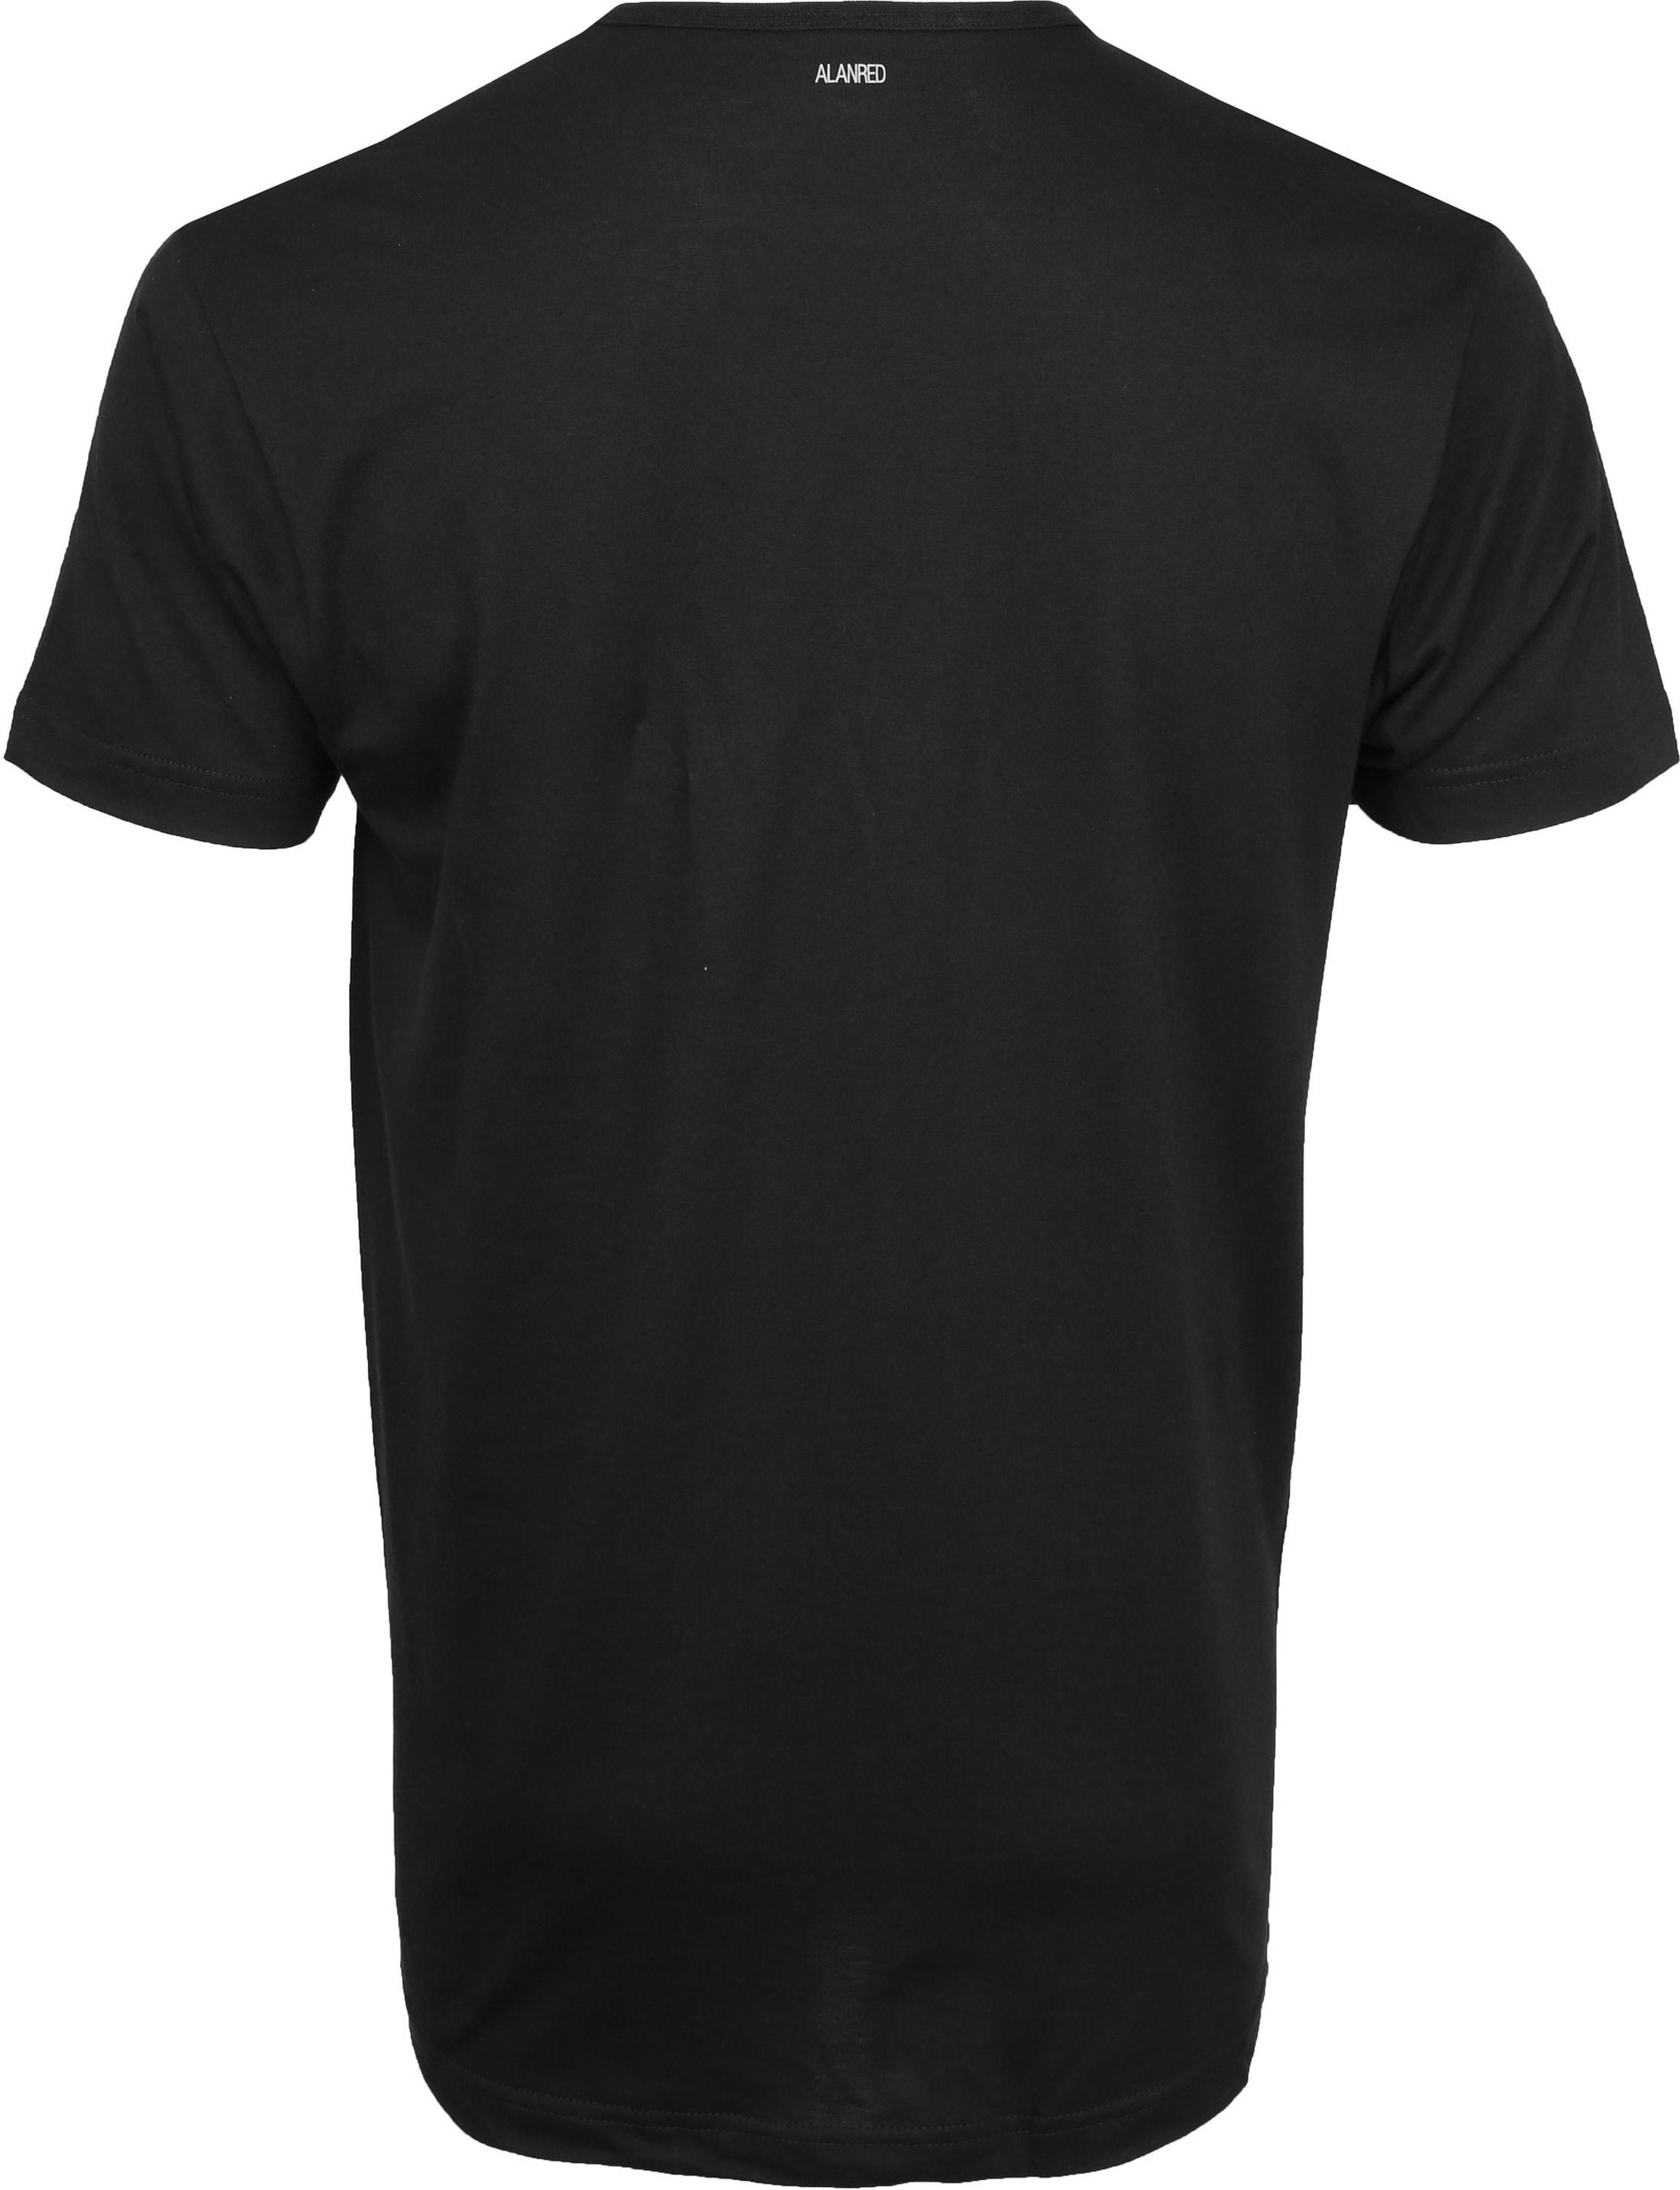 Alan Red Derby O-Hals T-Shirt Black (2Pack) foto 4